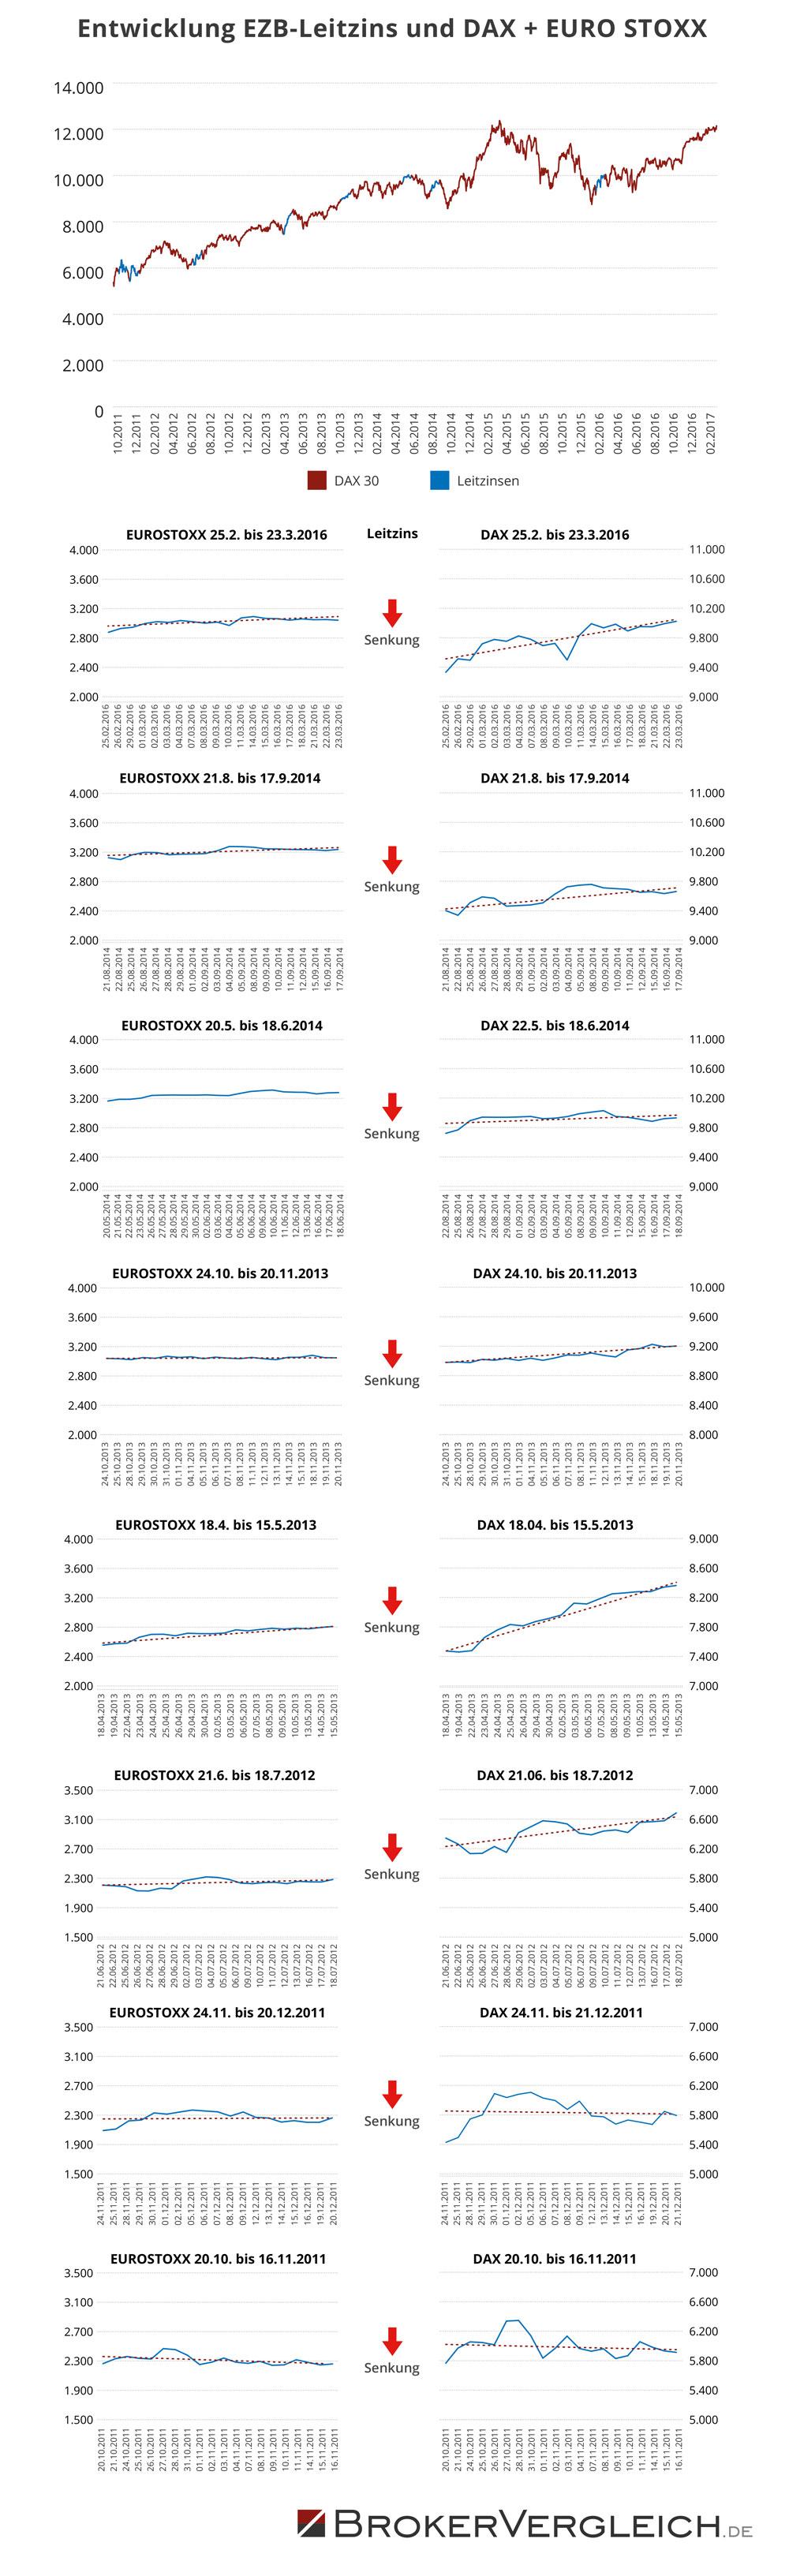 Entwicklung EZB Leitzins und DAX + EURO STOXX